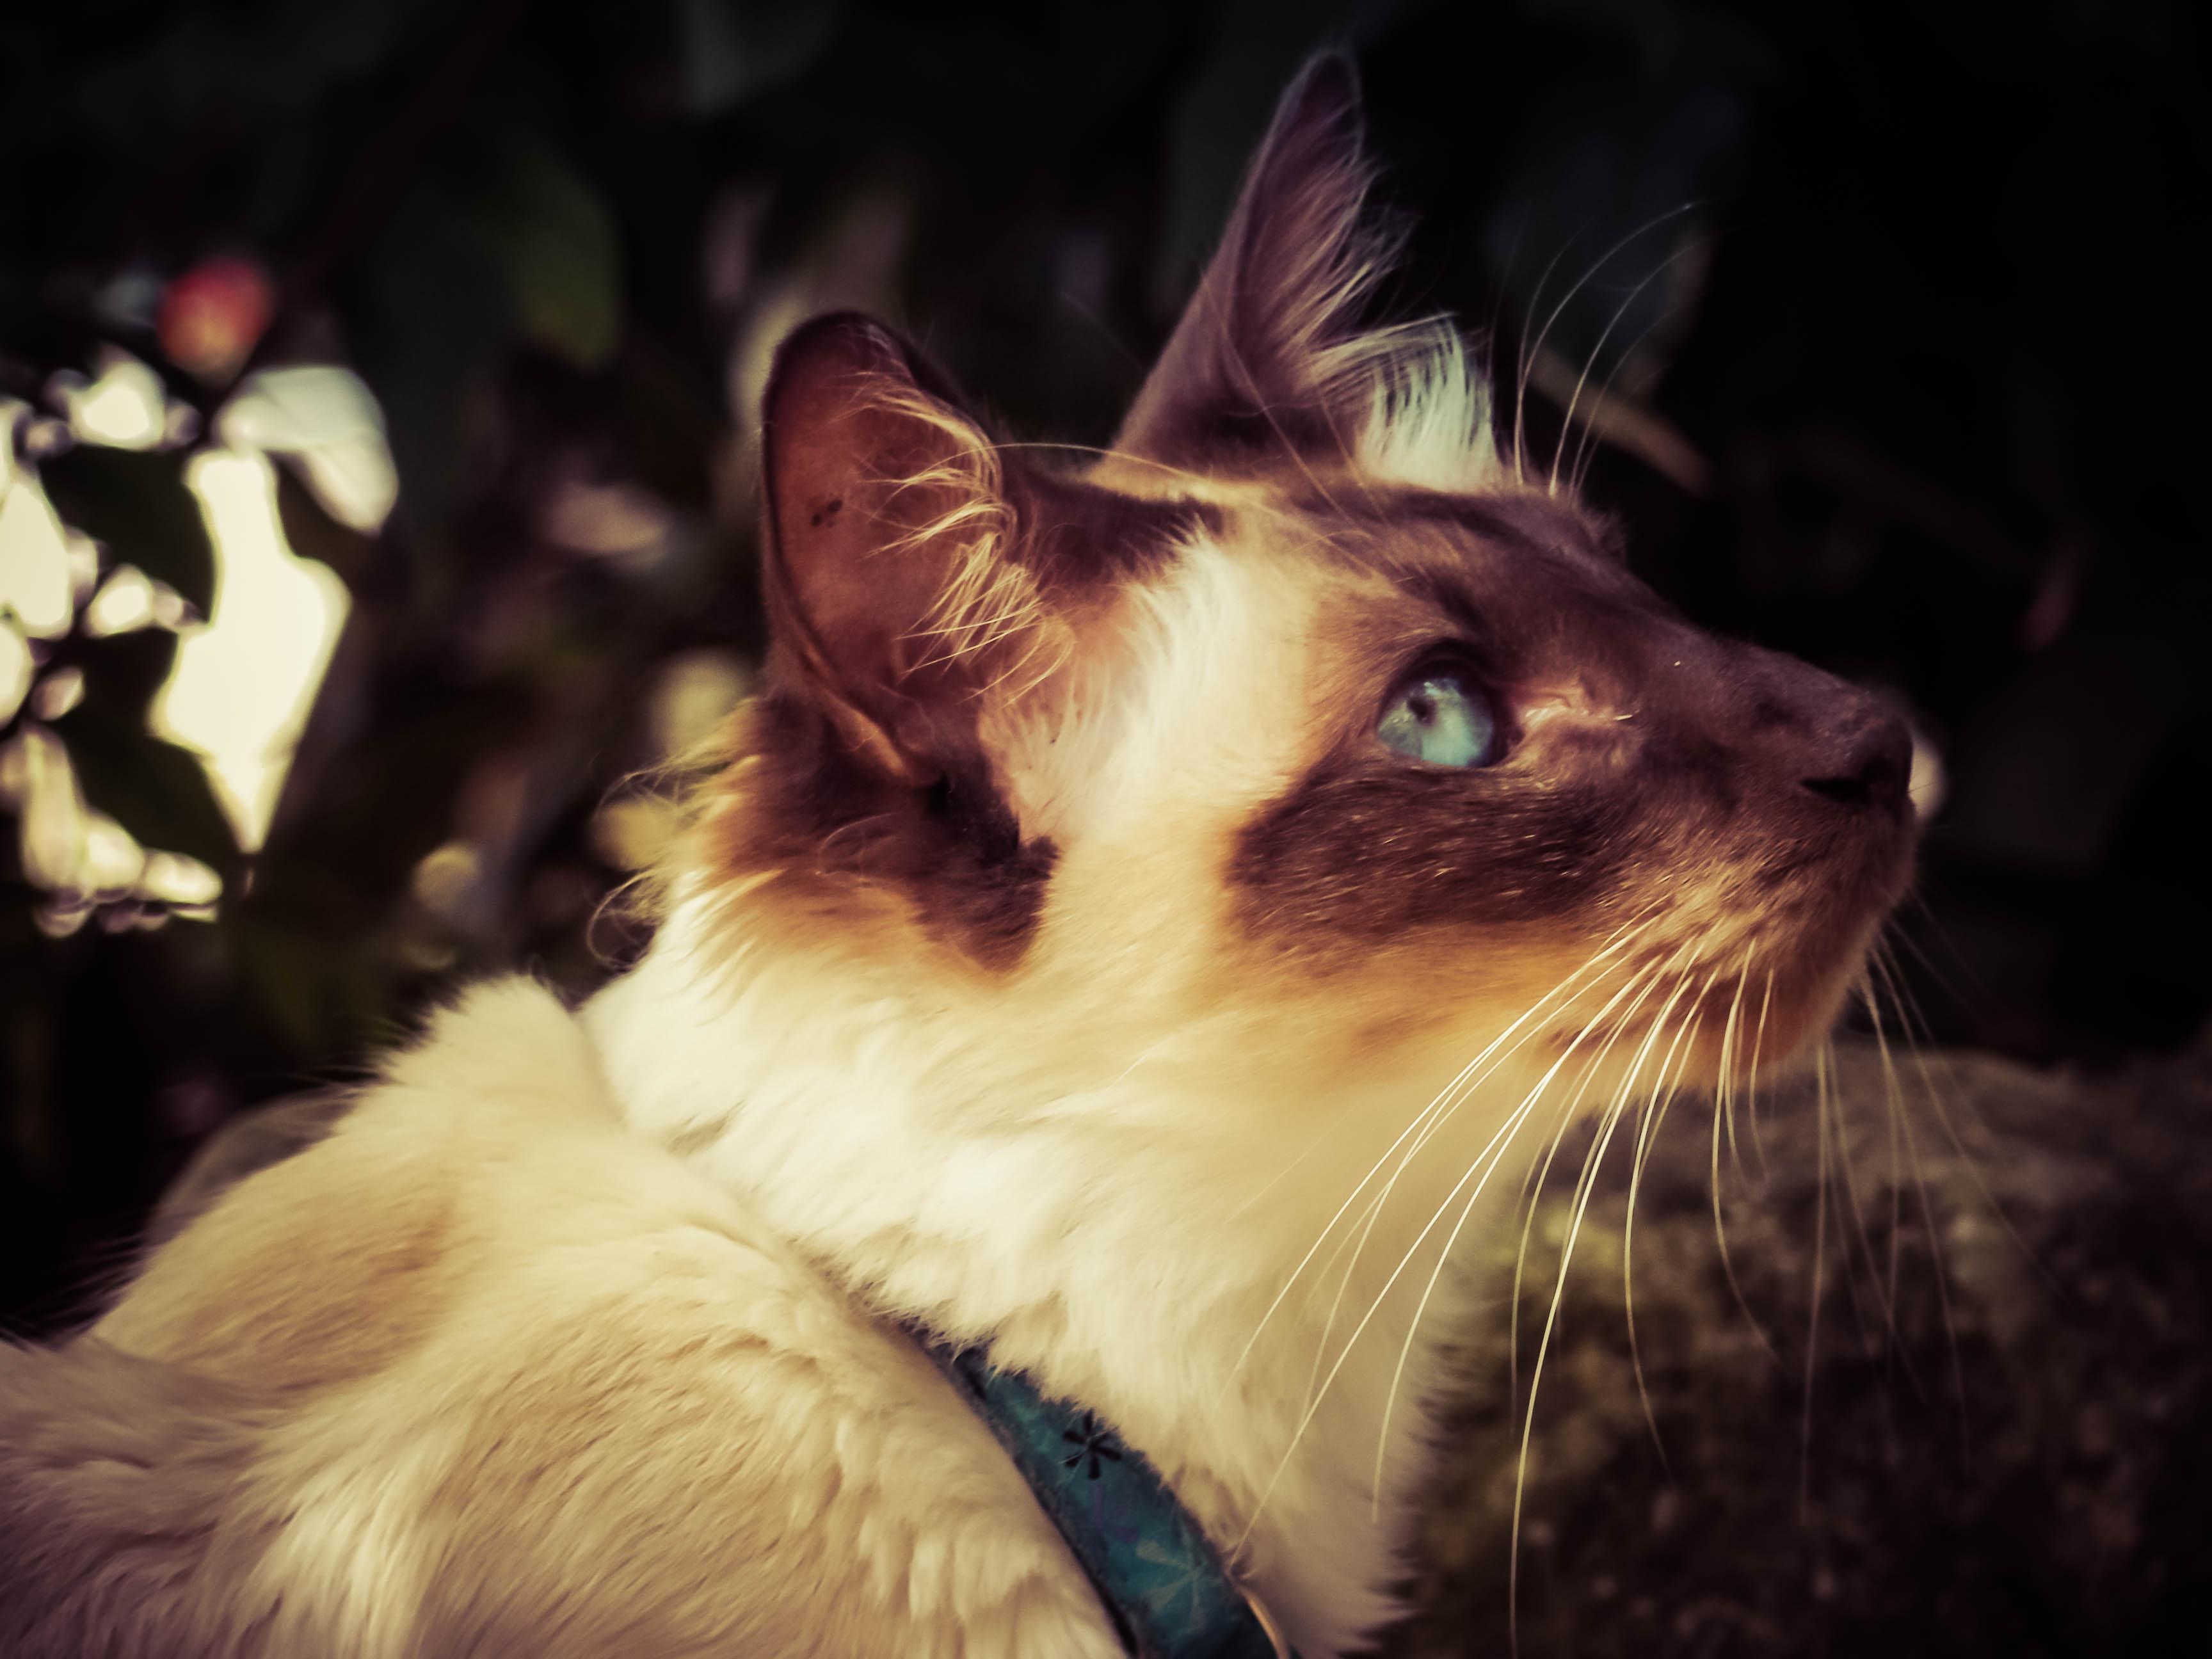 I'm pretty and I know it - Urban Cat